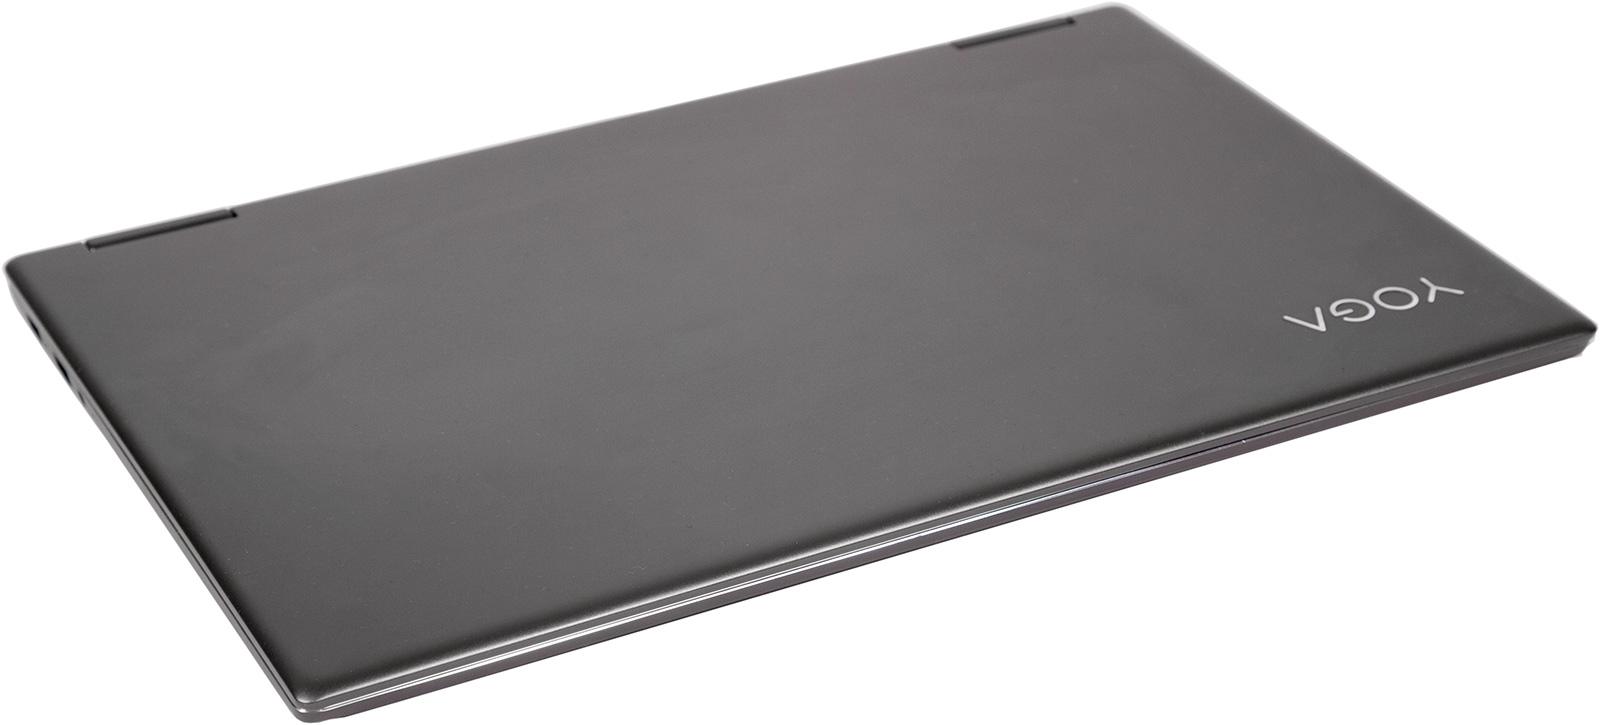 Универсальный Йог. Обзор ноутбука-трансформера Lenovo Yoga 720 - 3